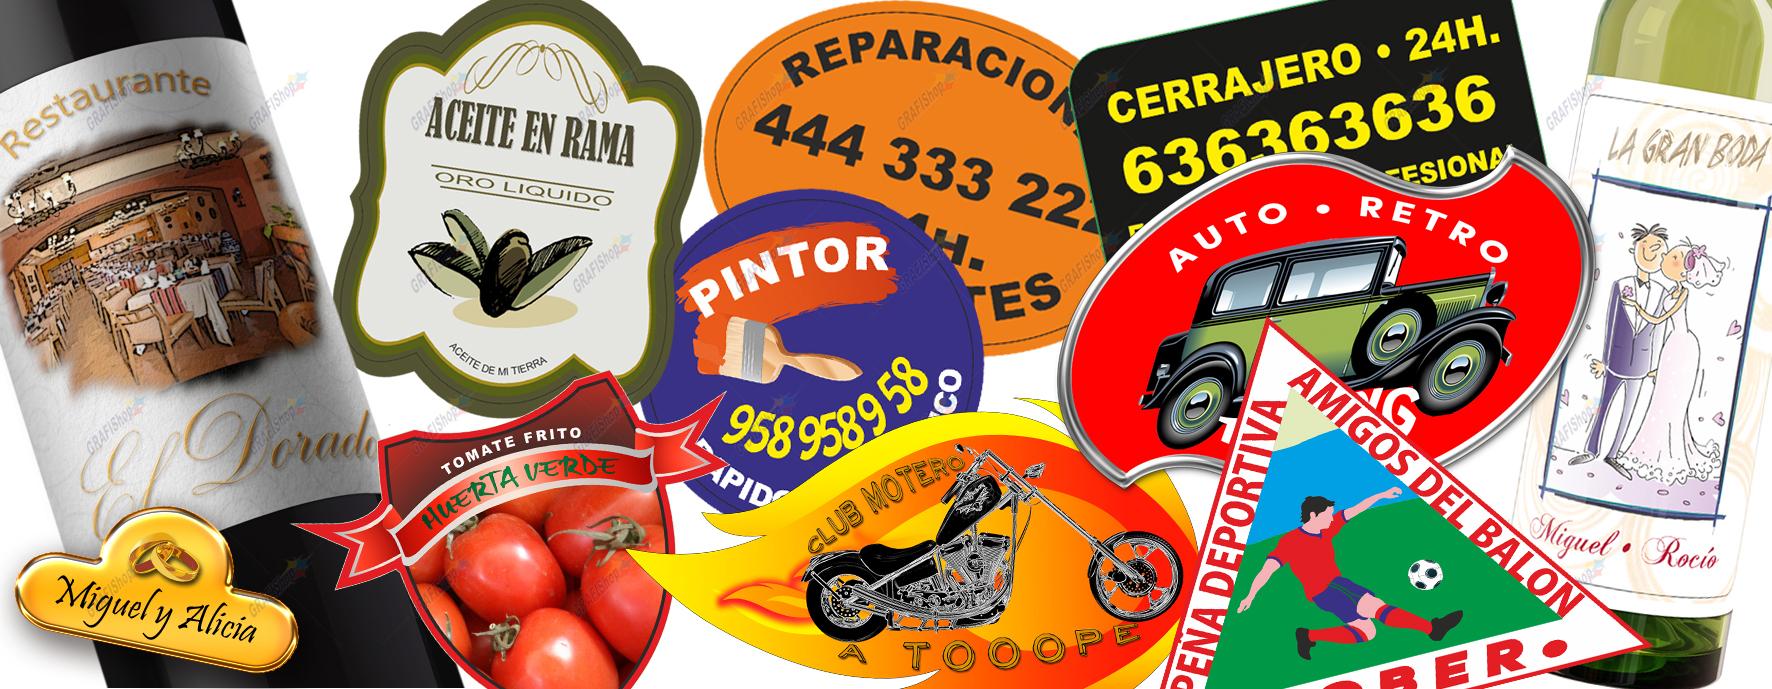 Imprimir pegatinas personalizadas grafishop granada - Pegatinas de pared baratas ...